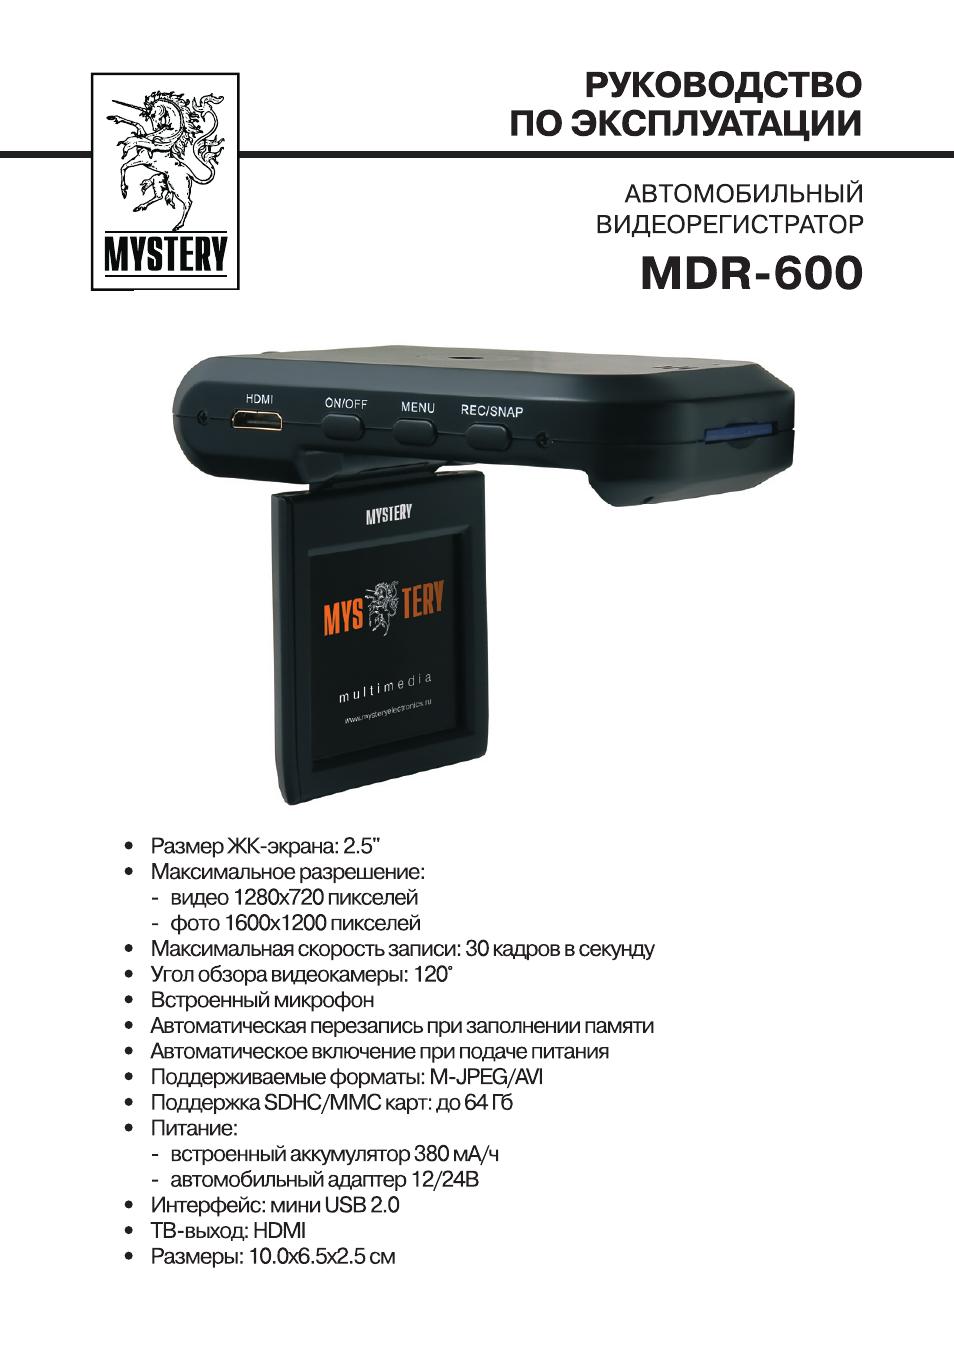 Mystery mdr 600 видеорегистратор инструкция купить хороший видеорегистратор в алматы